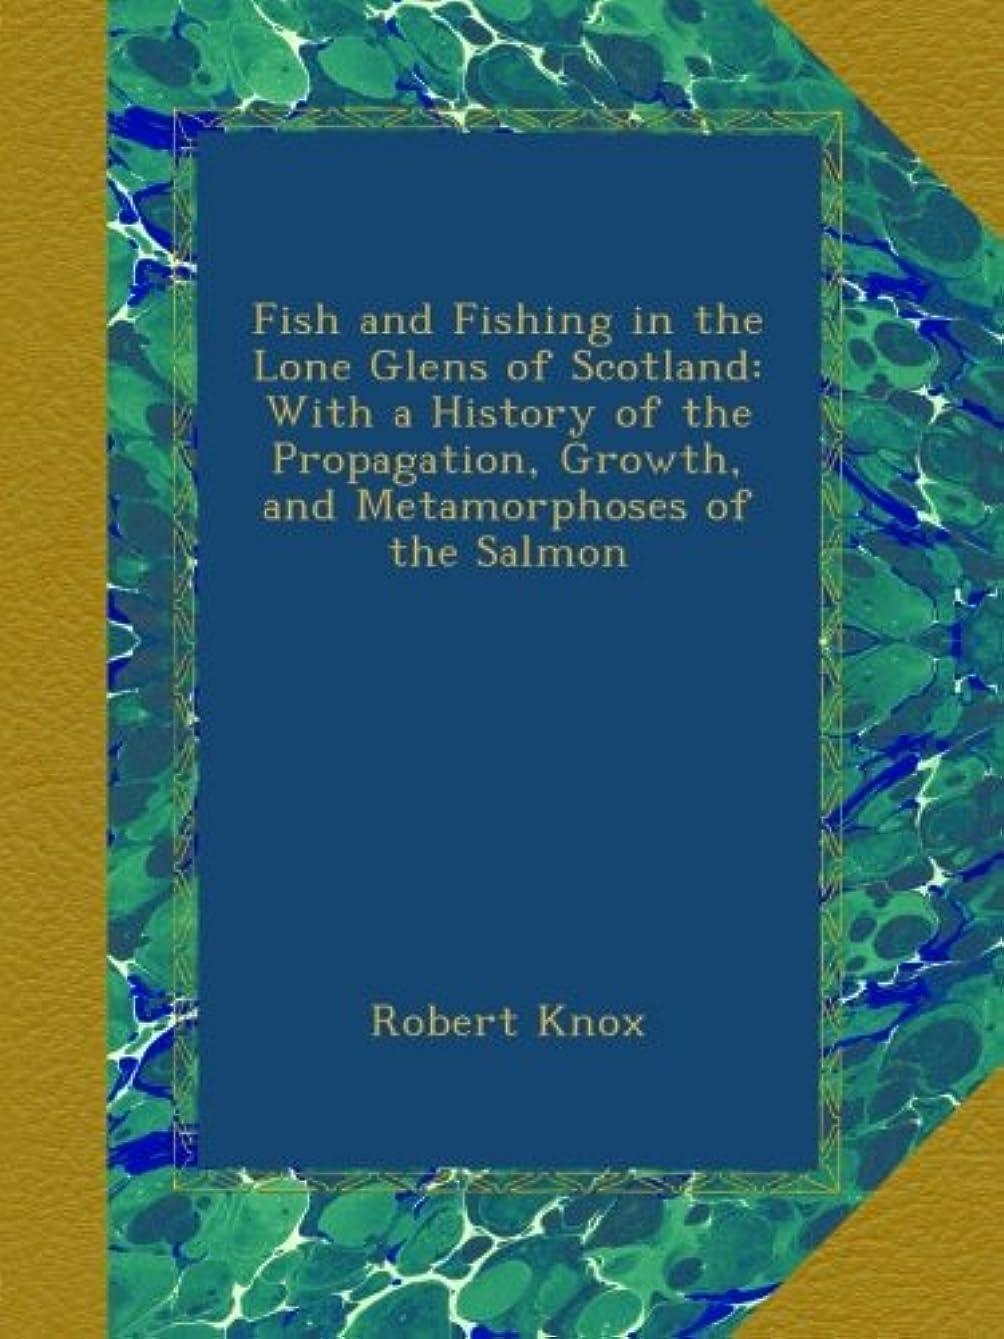 マーチャンダイザー冗談で誓約Fish and Fishing in the Lone Glens of Scotland: With a History of the Propagation, Growth, and Metamorphoses of the Salmon